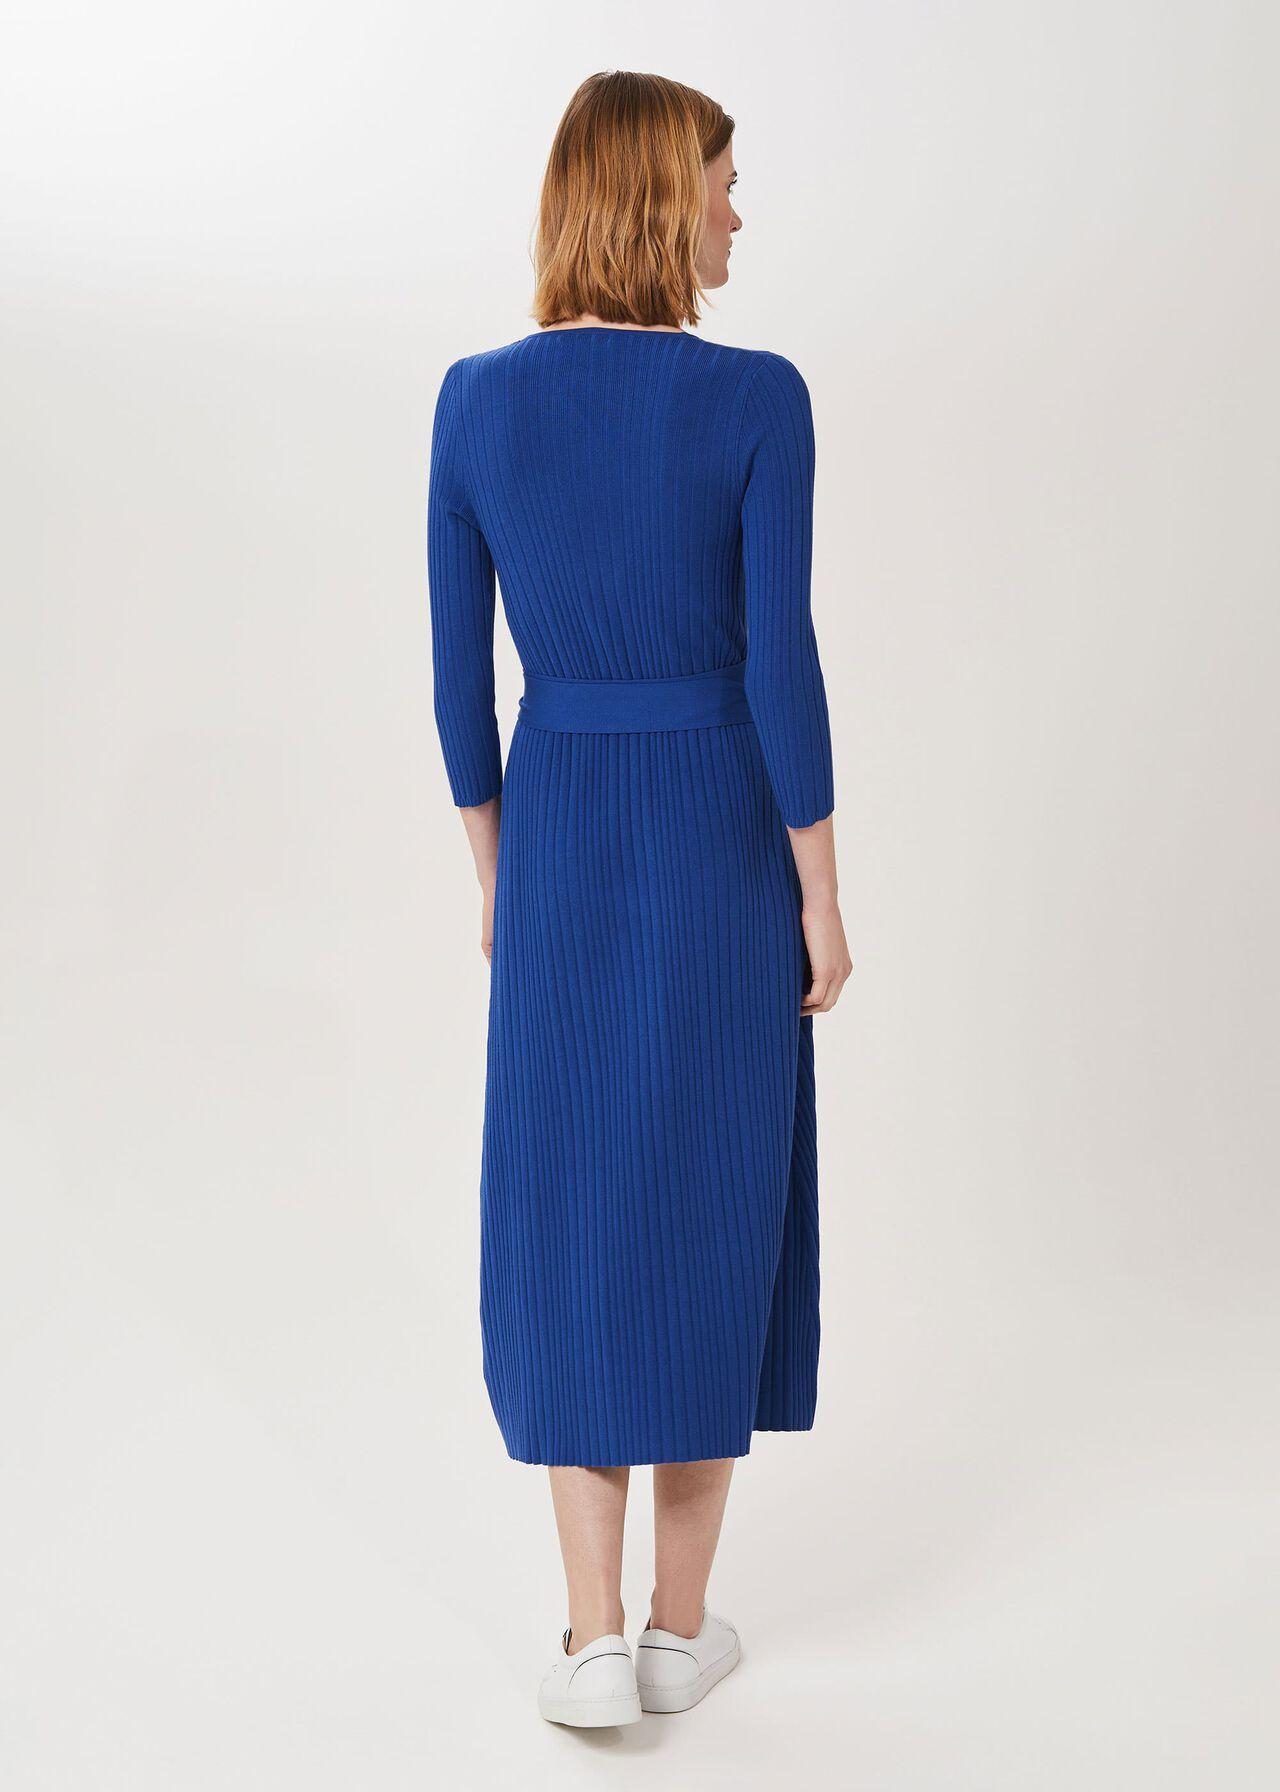 Sydney Knitted Dress, Ocean Blue, hi-res